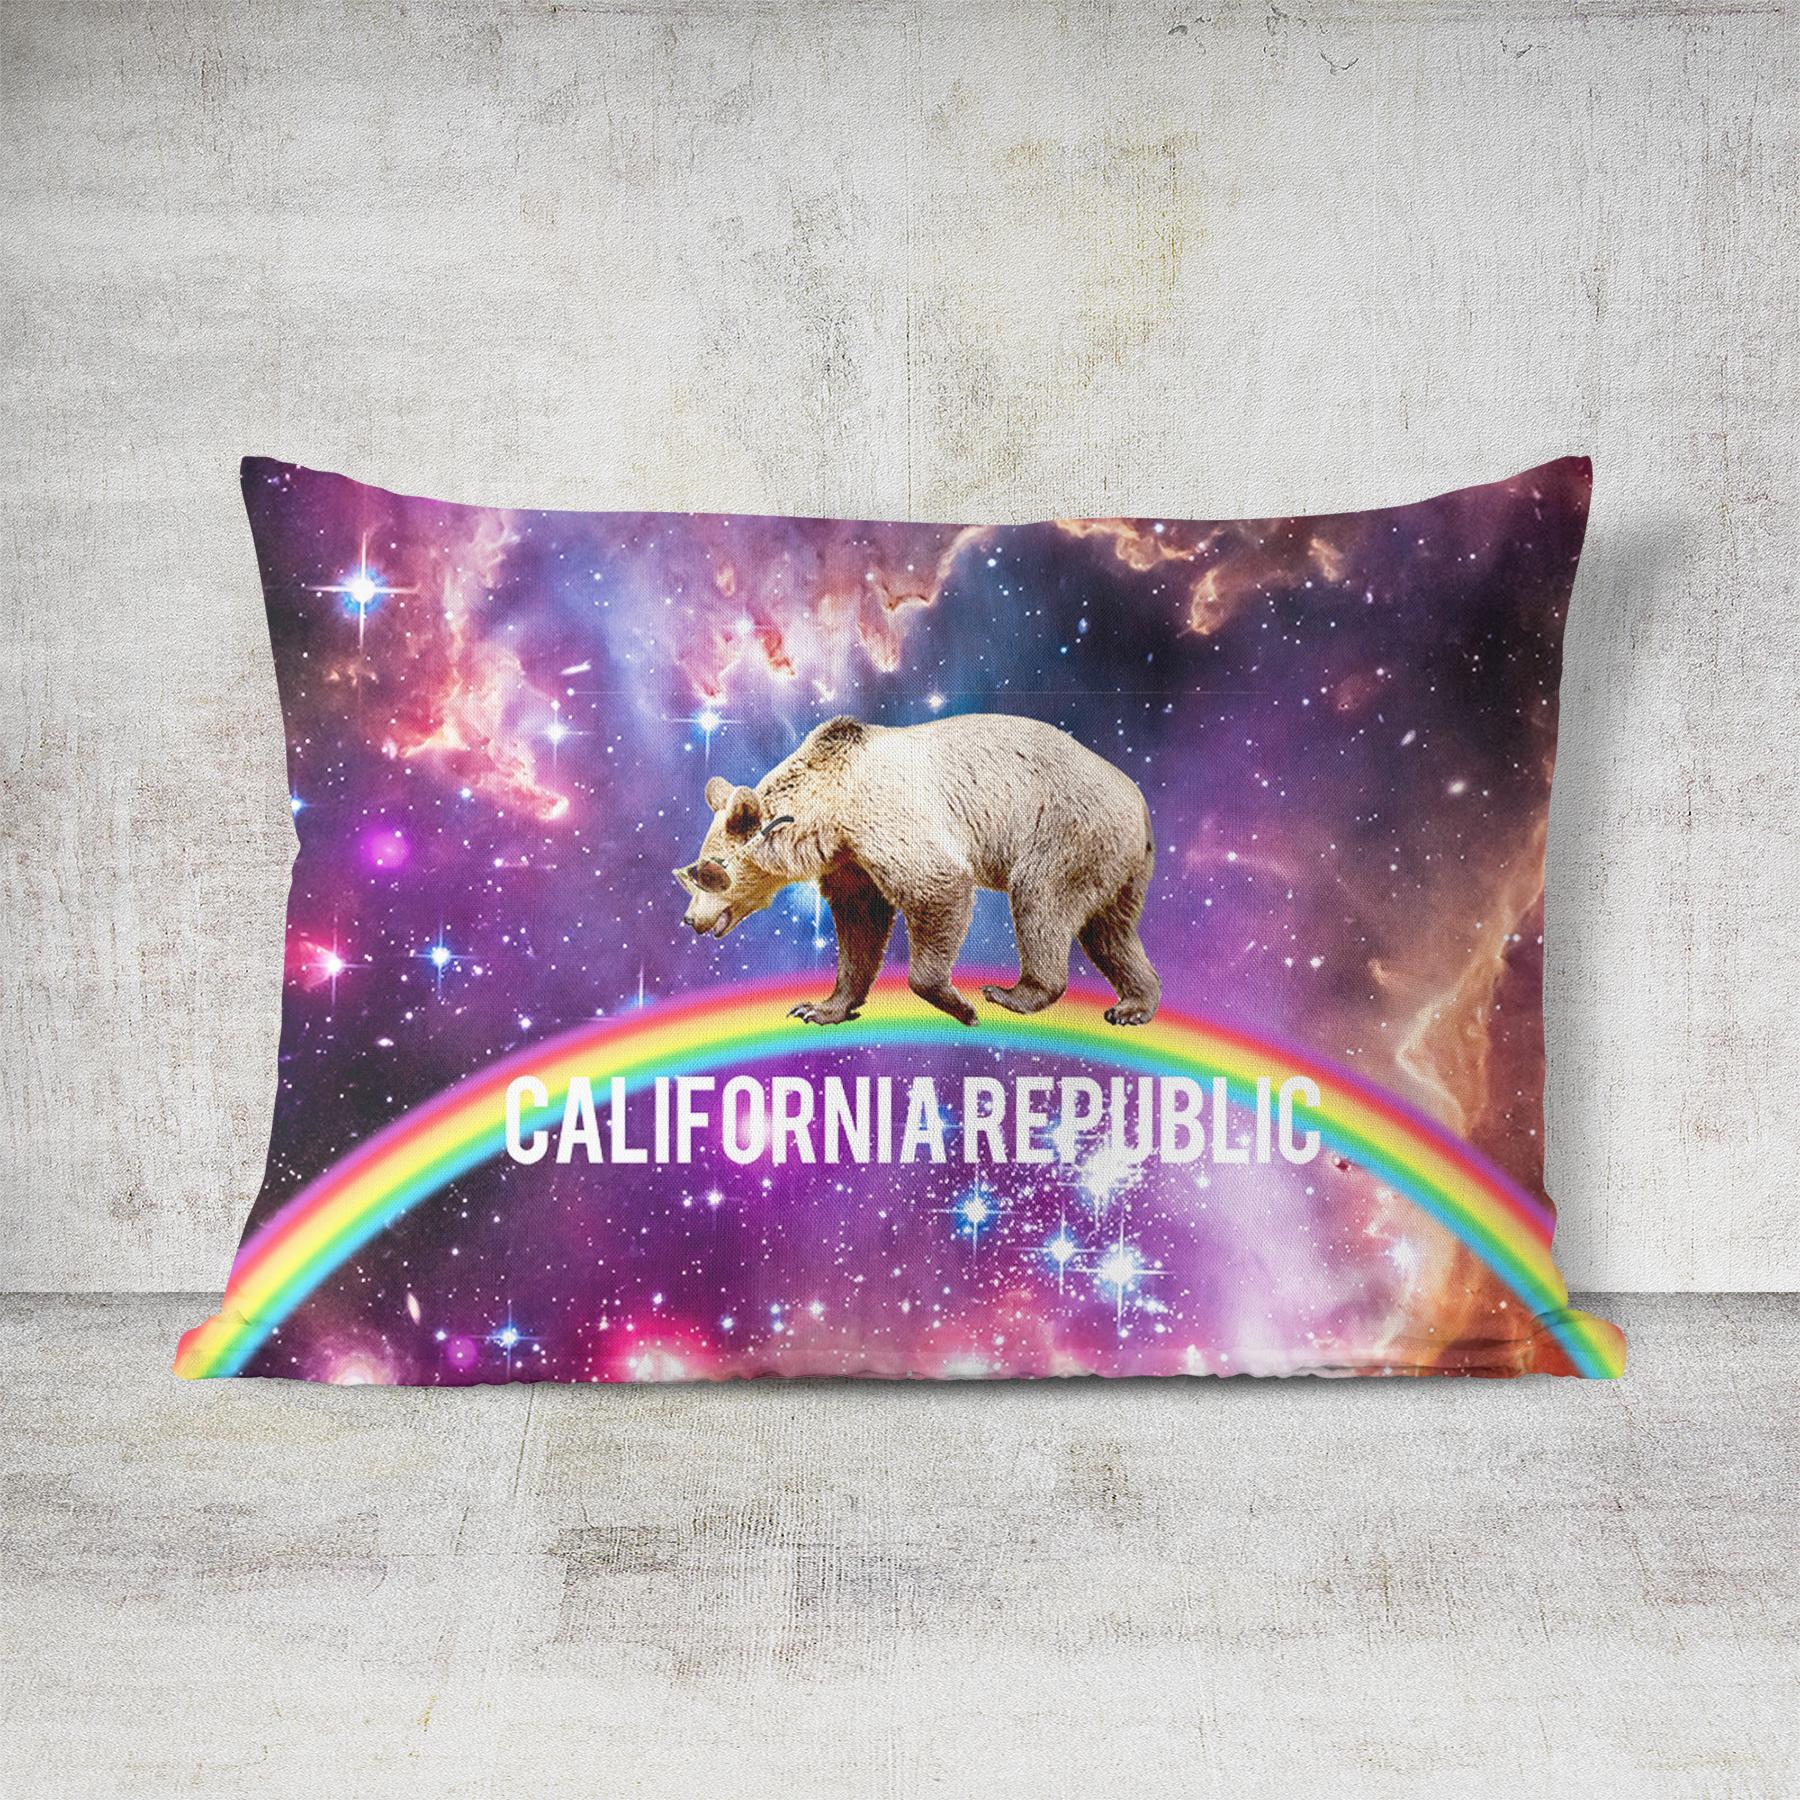 california_republic_pillow.jpg